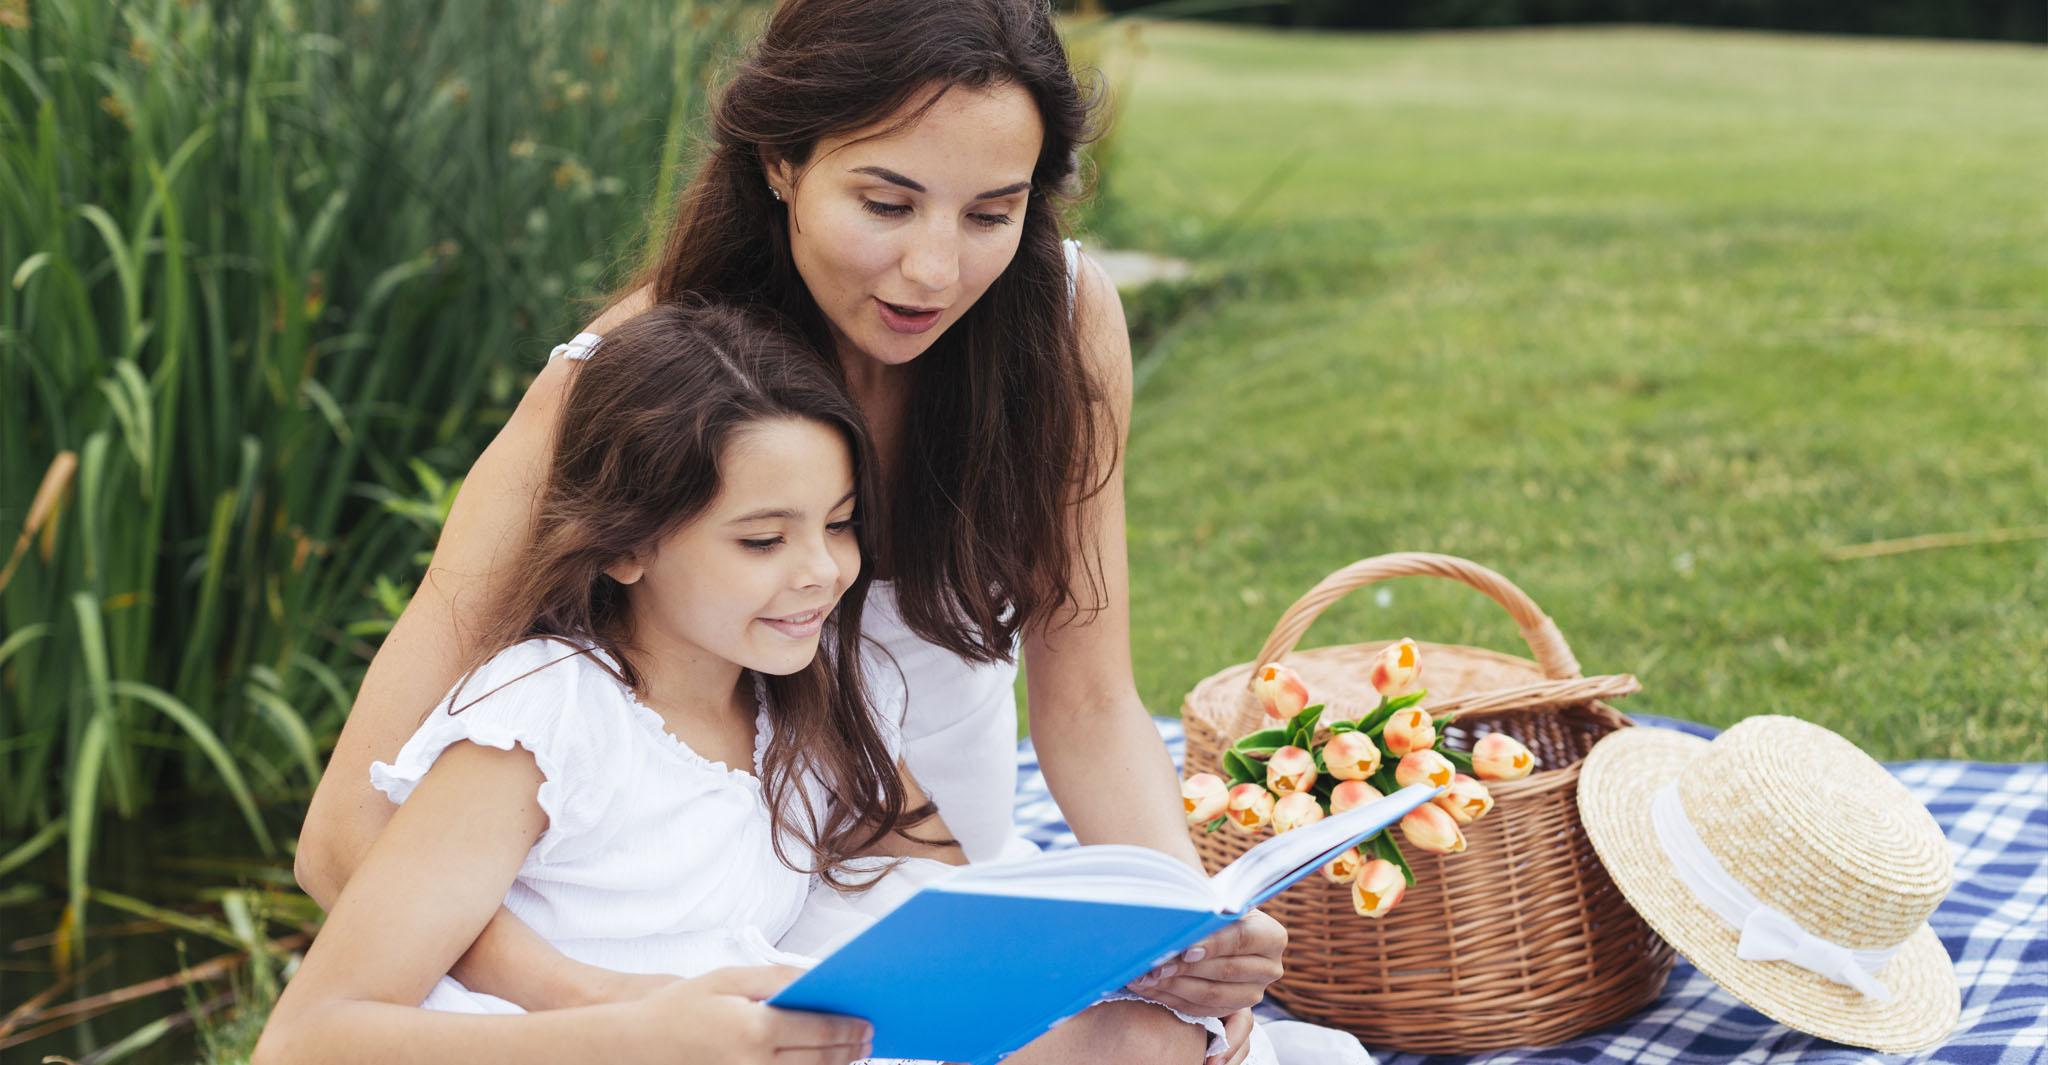 letture-estive-per-bambini